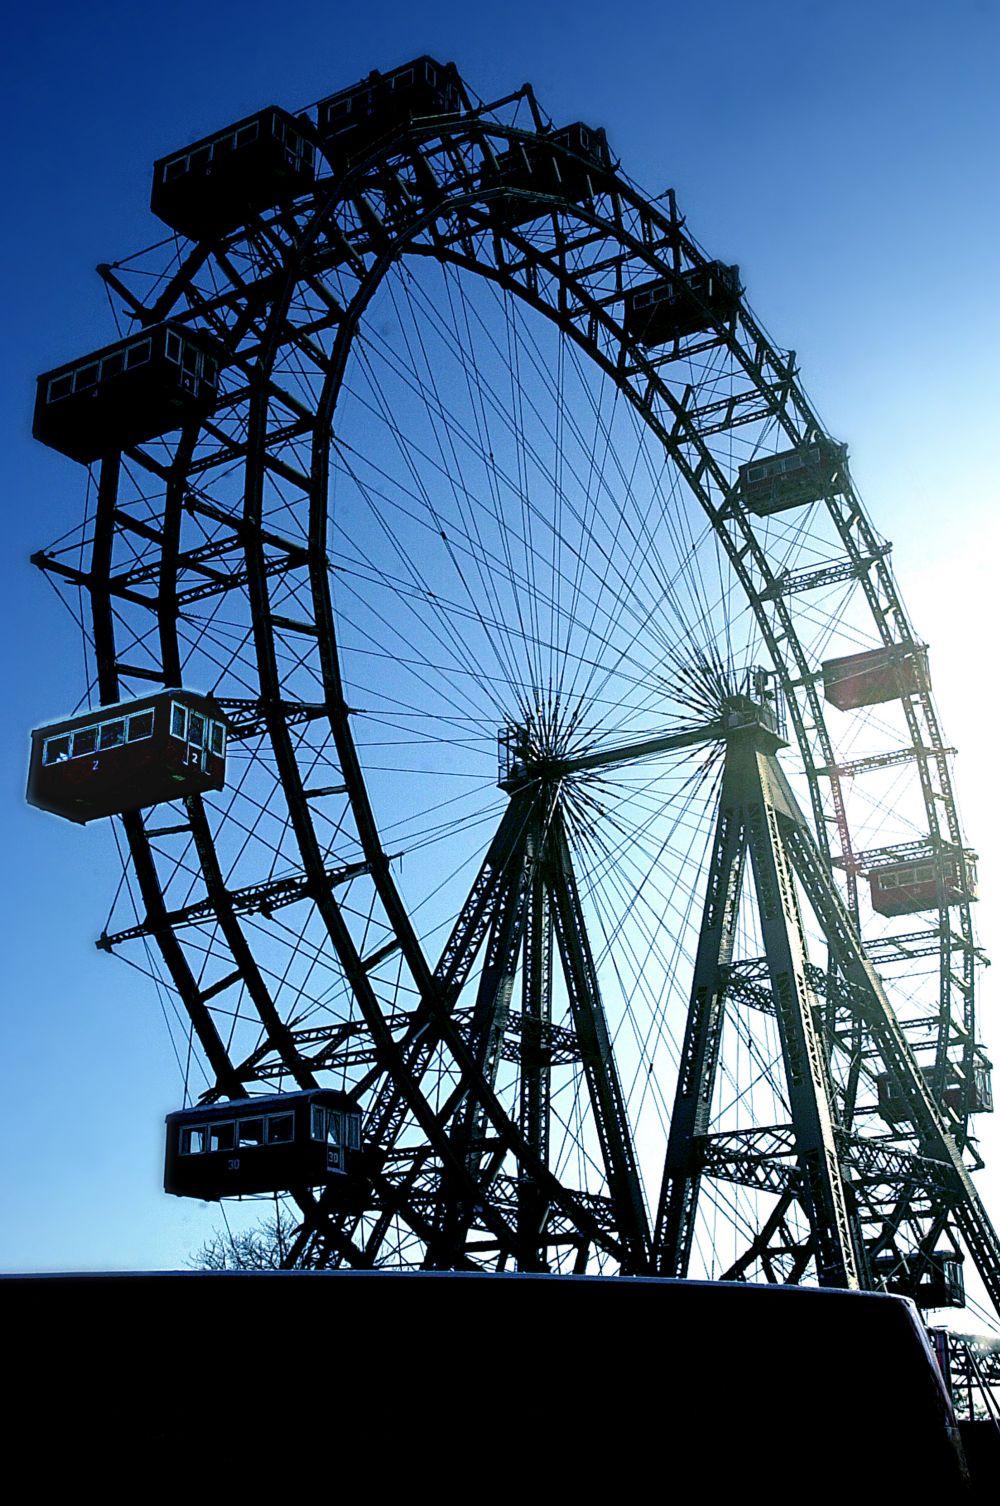 Вскоре после смерти Ферриса в 1897 году было построено ещё одно колесо по проекту Ферриса. Оно сохранилось до сих пор и сейчас является одной из главных достопримечательностей Вены. Это колесо оставалось самым высоким в мире вплоть до 1985 года.